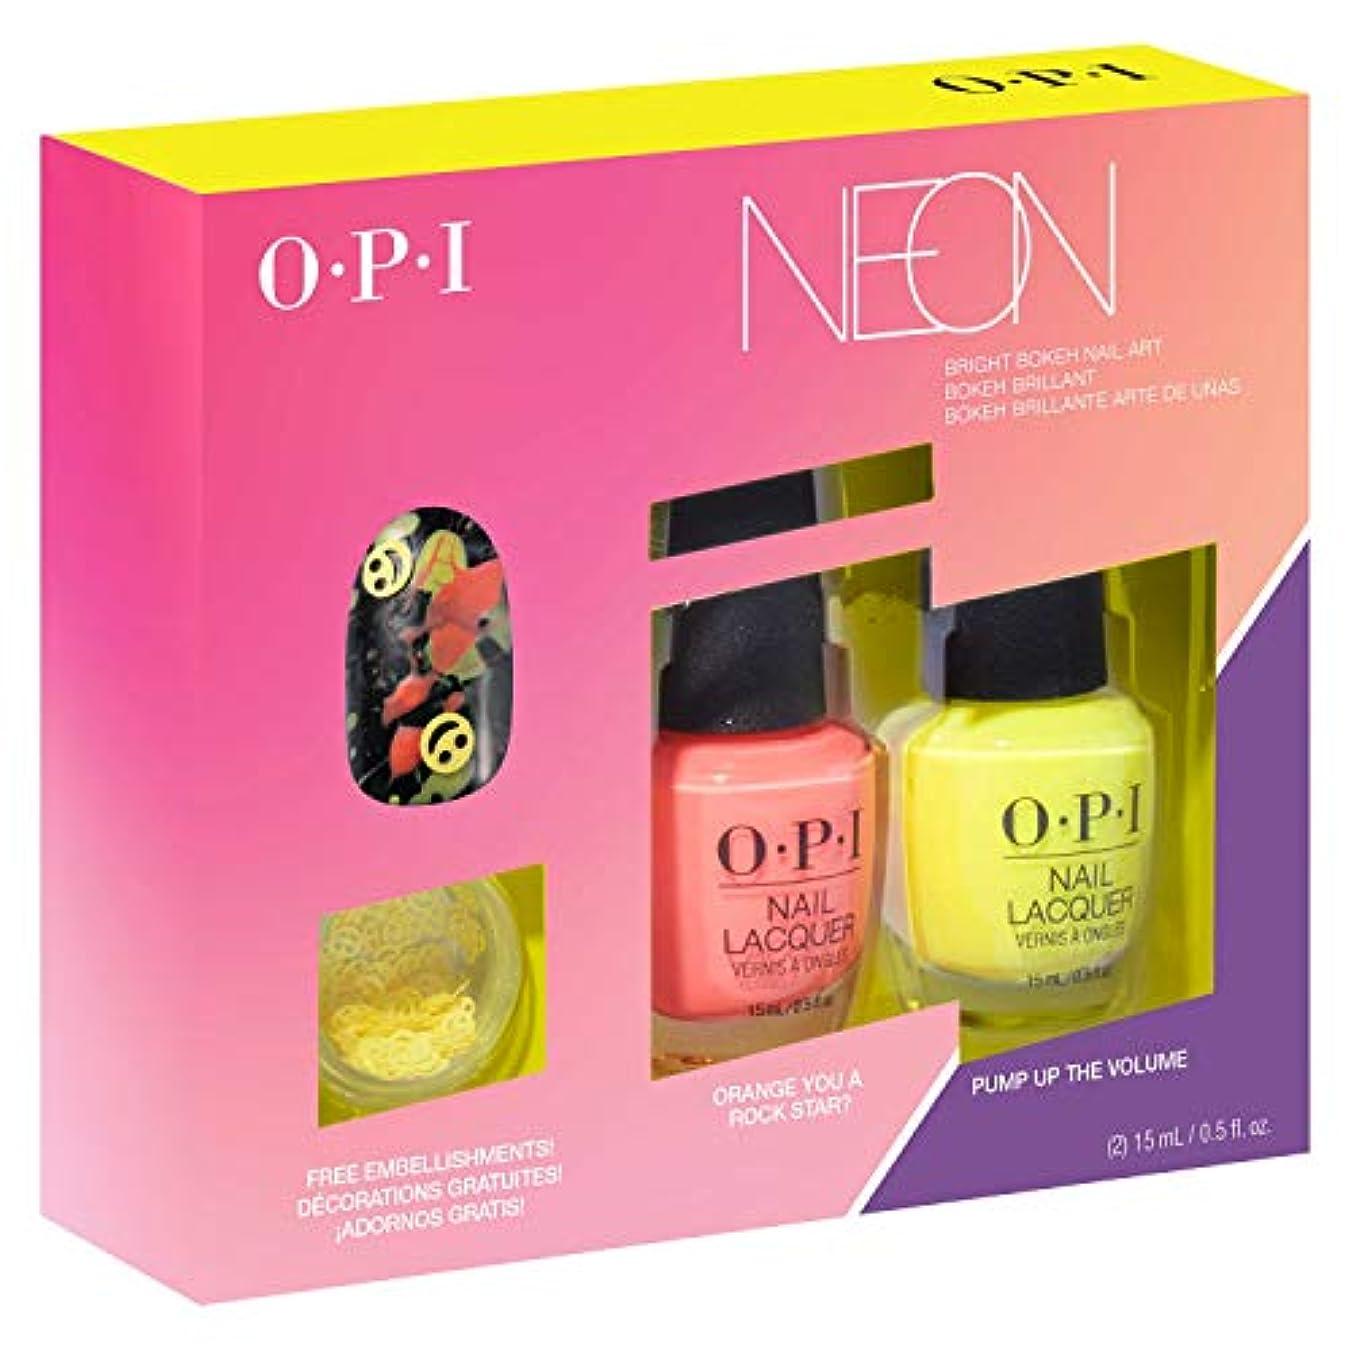 既に素晴らしい良い多くの賞OPI(オーピーアイ) ネオン バイ オーピーアイ ネイルラッカー デュオパック #2